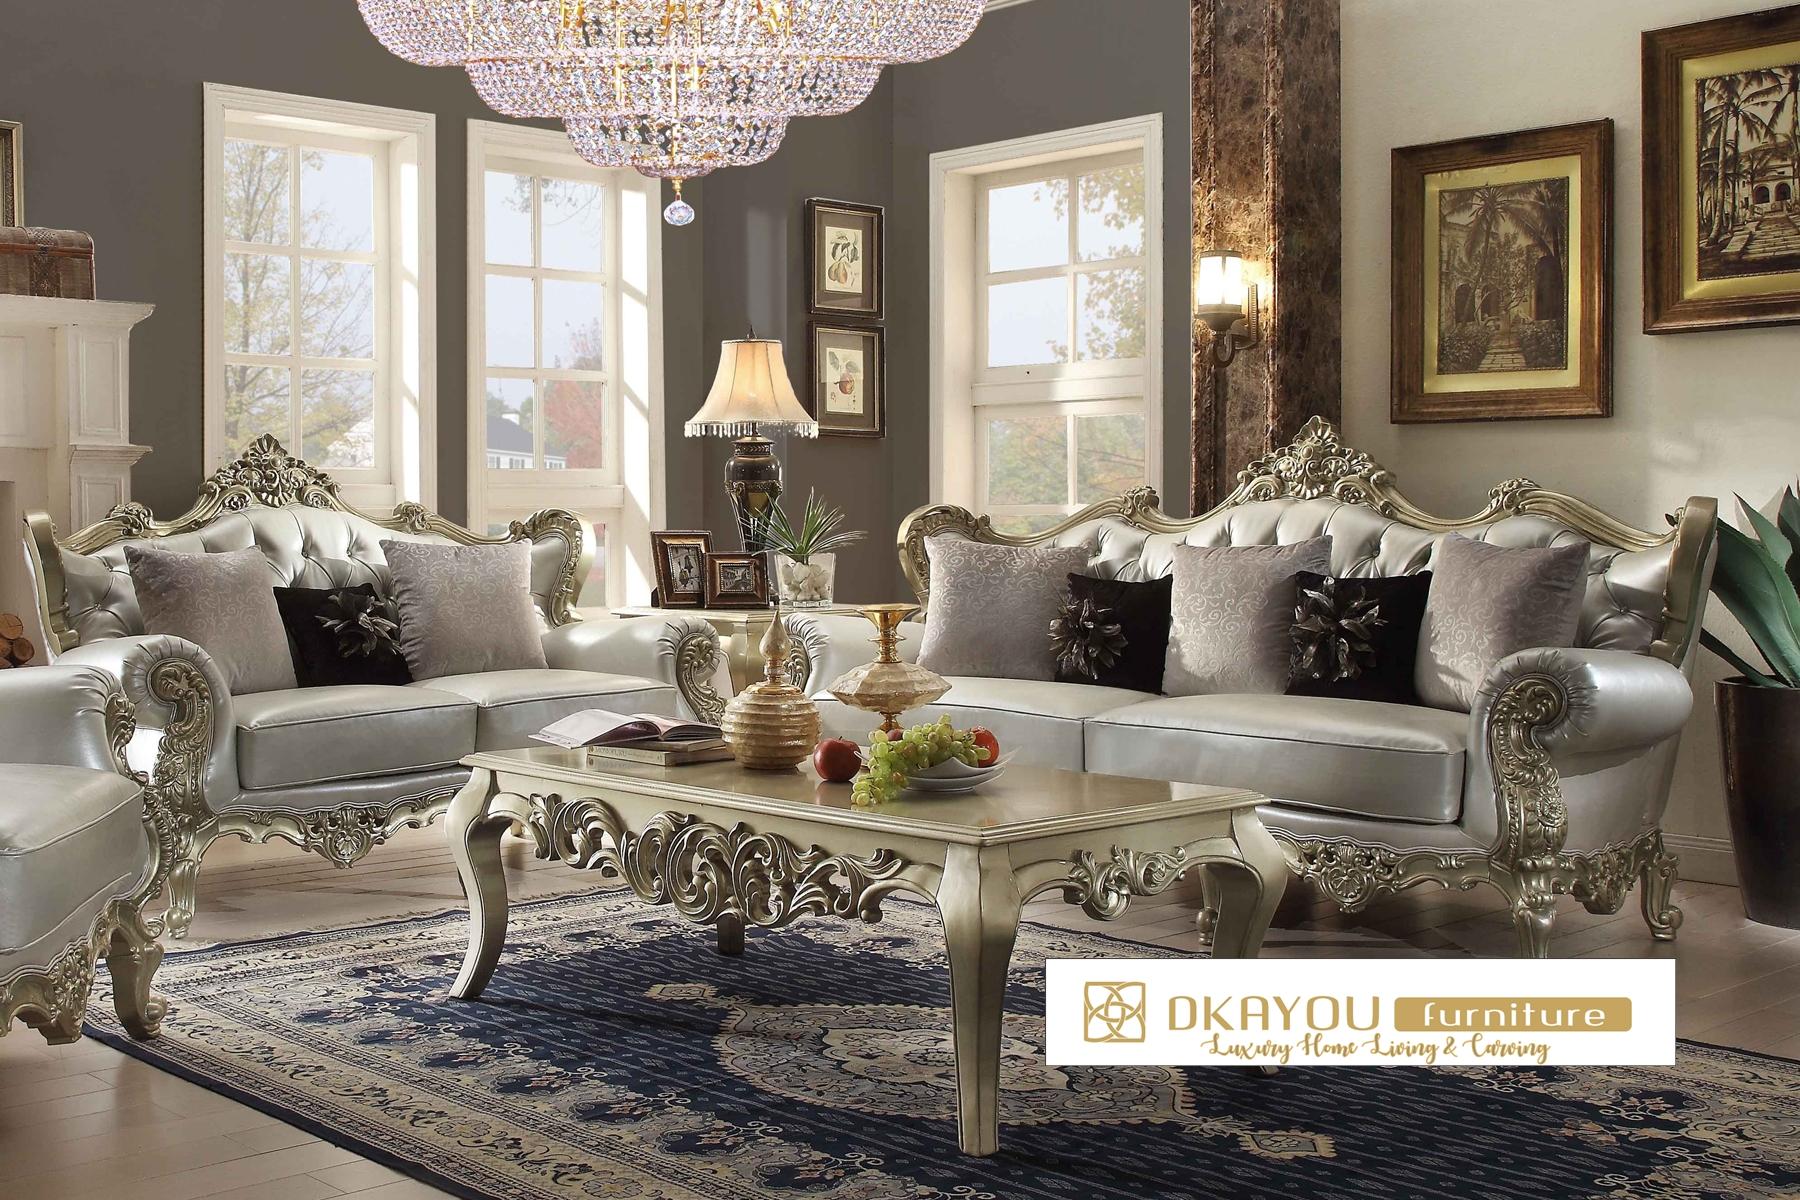 Set Kursi Sofa Ruang Tamu Klasik Mewah